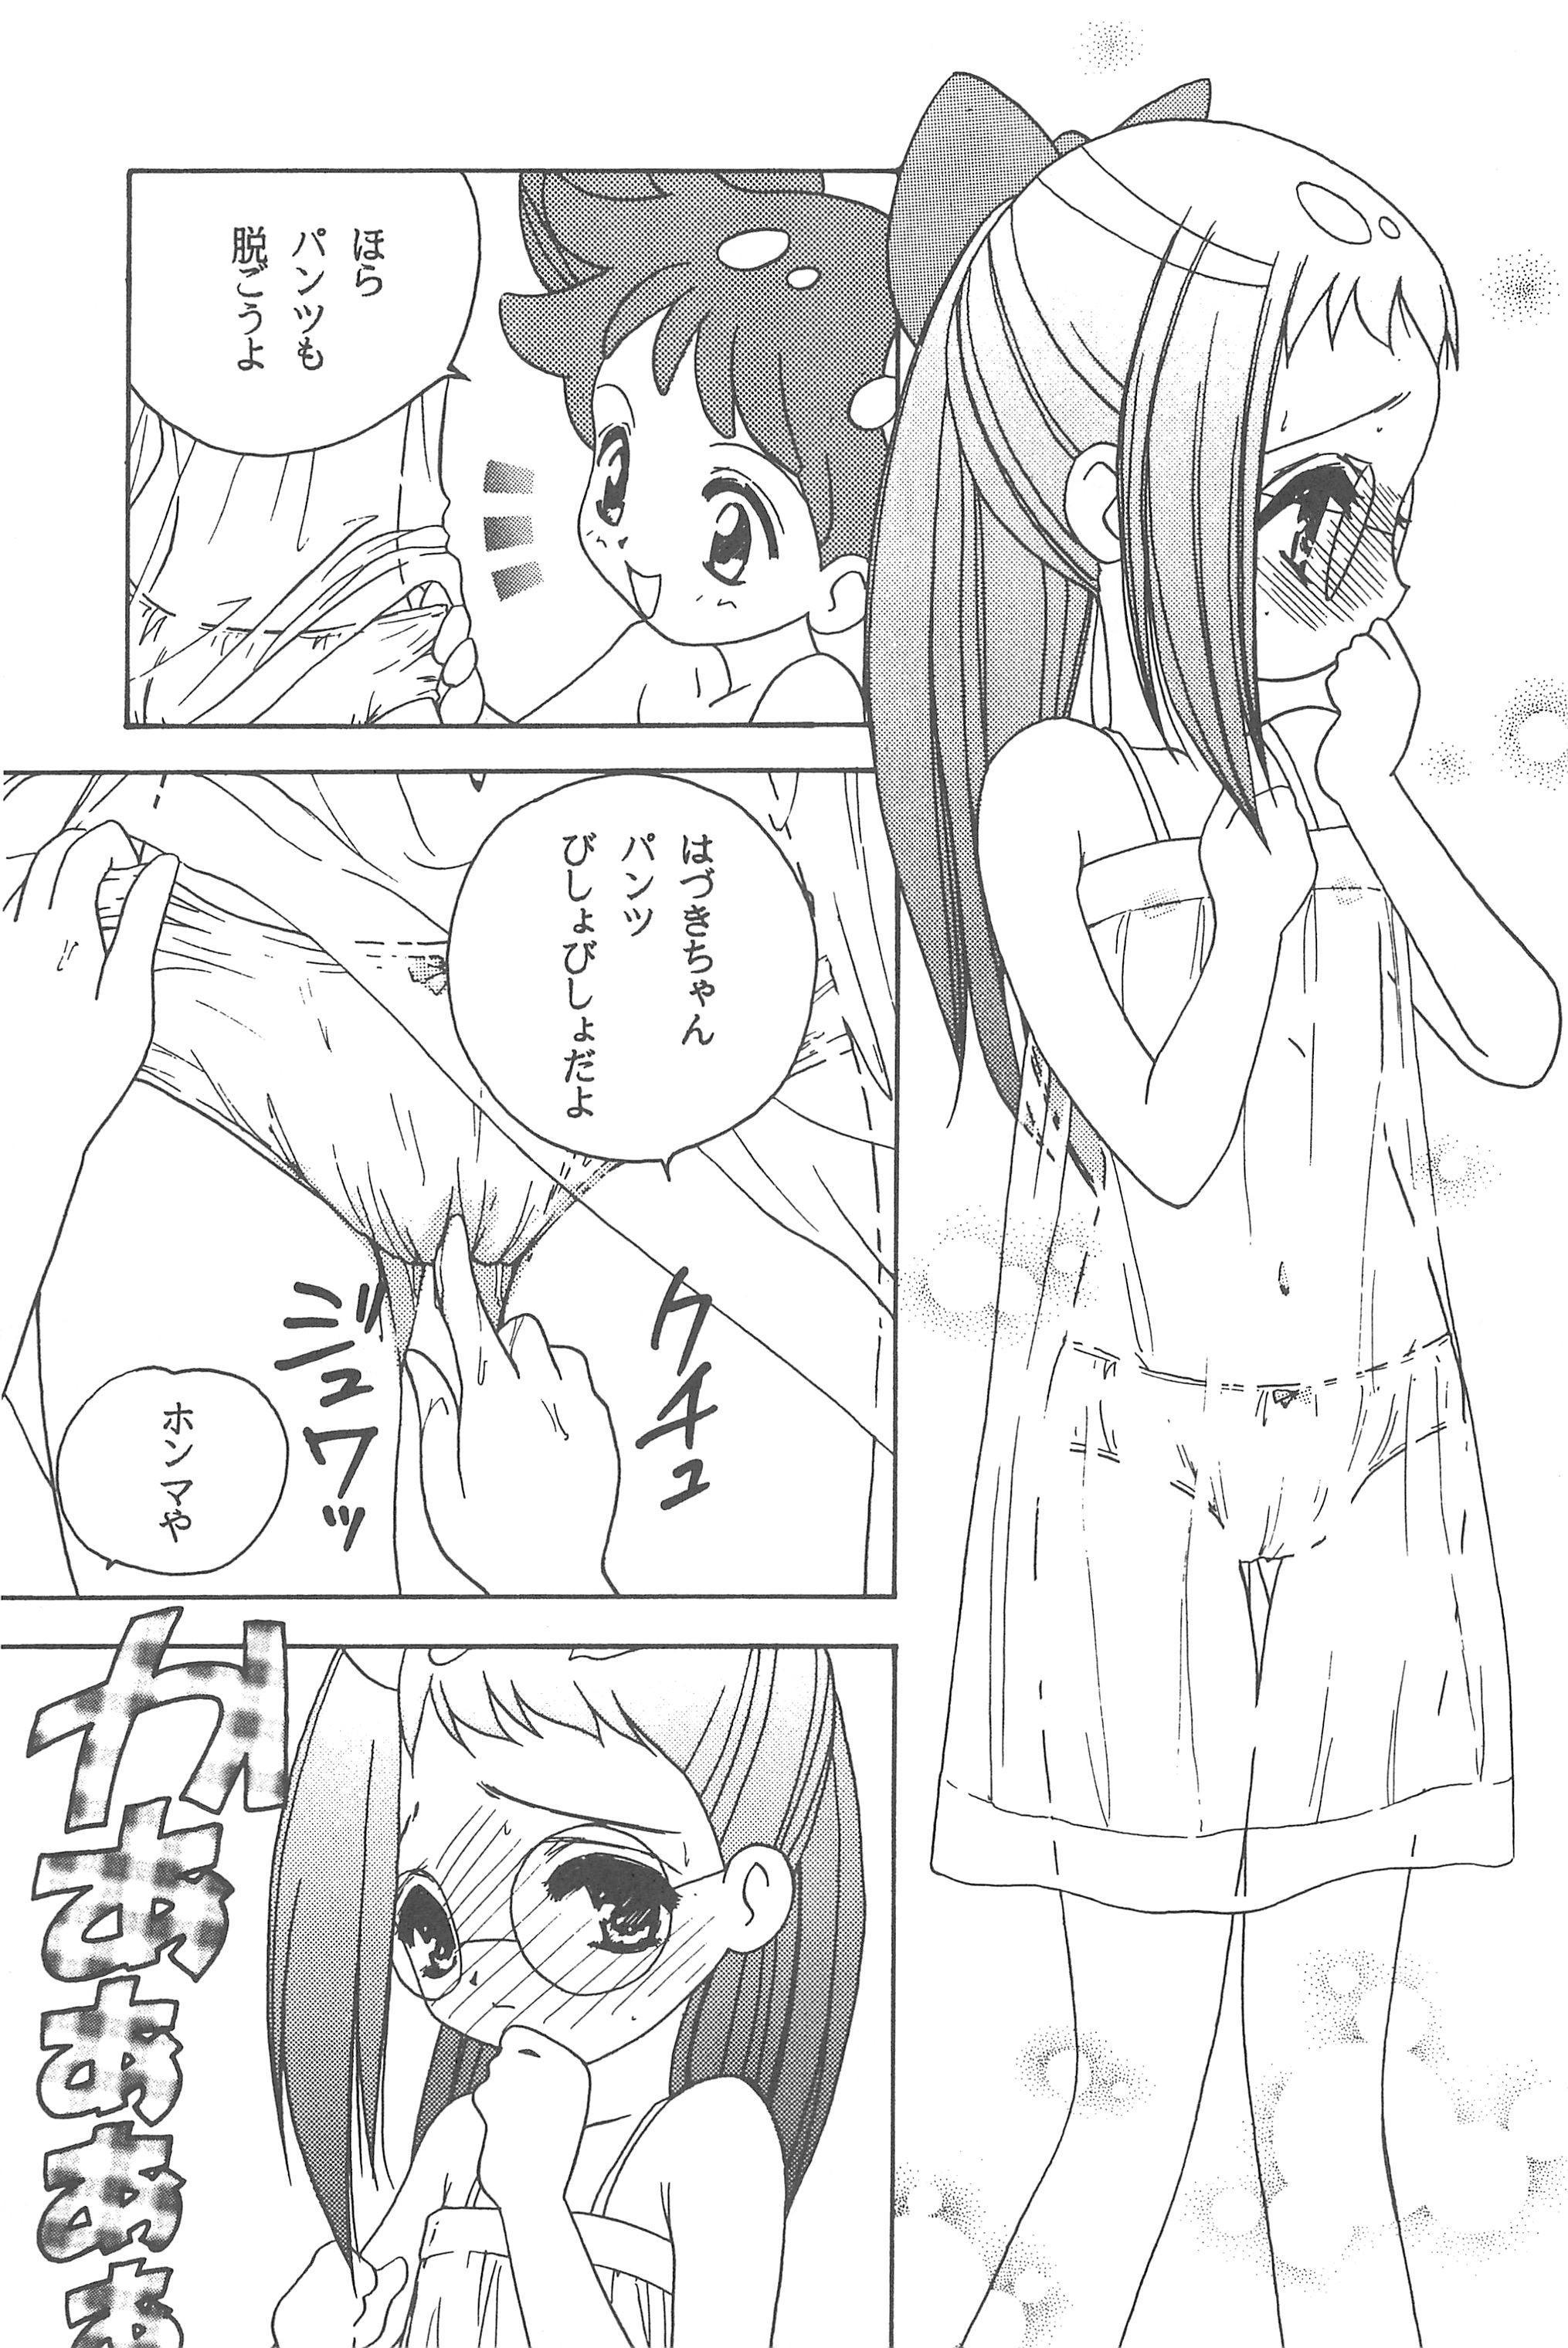 Mukatsuki Teikoku Soushuuhen 11